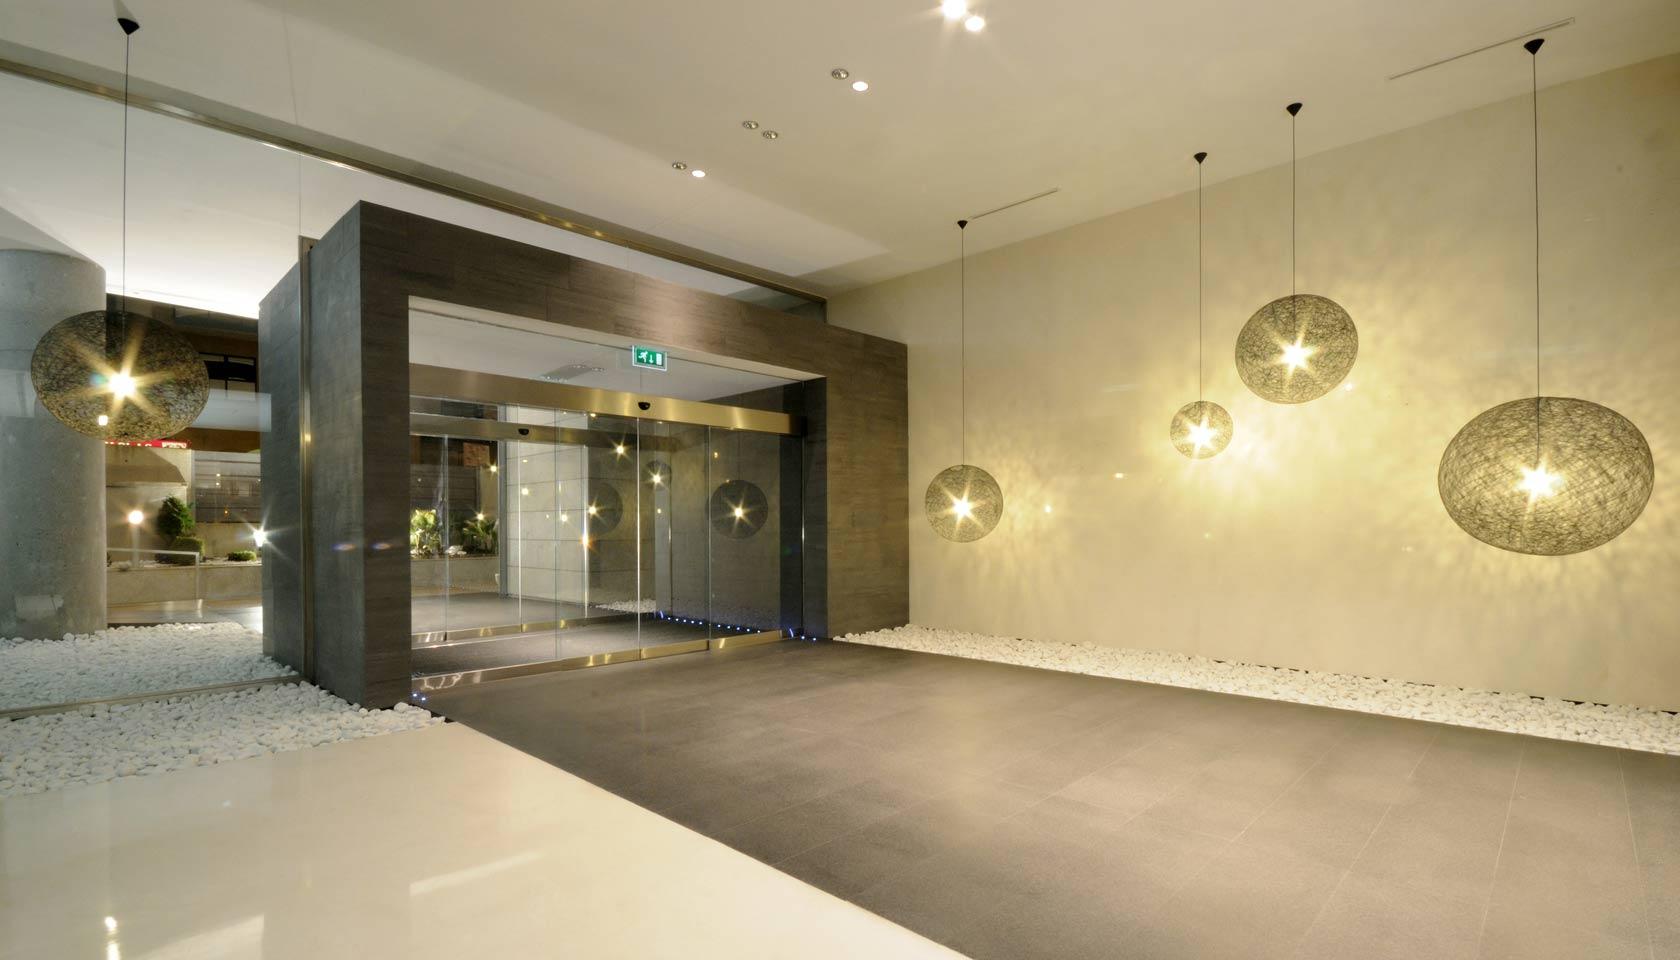 Entrada oficinas bsr architecture engineering for Proyecto oficina